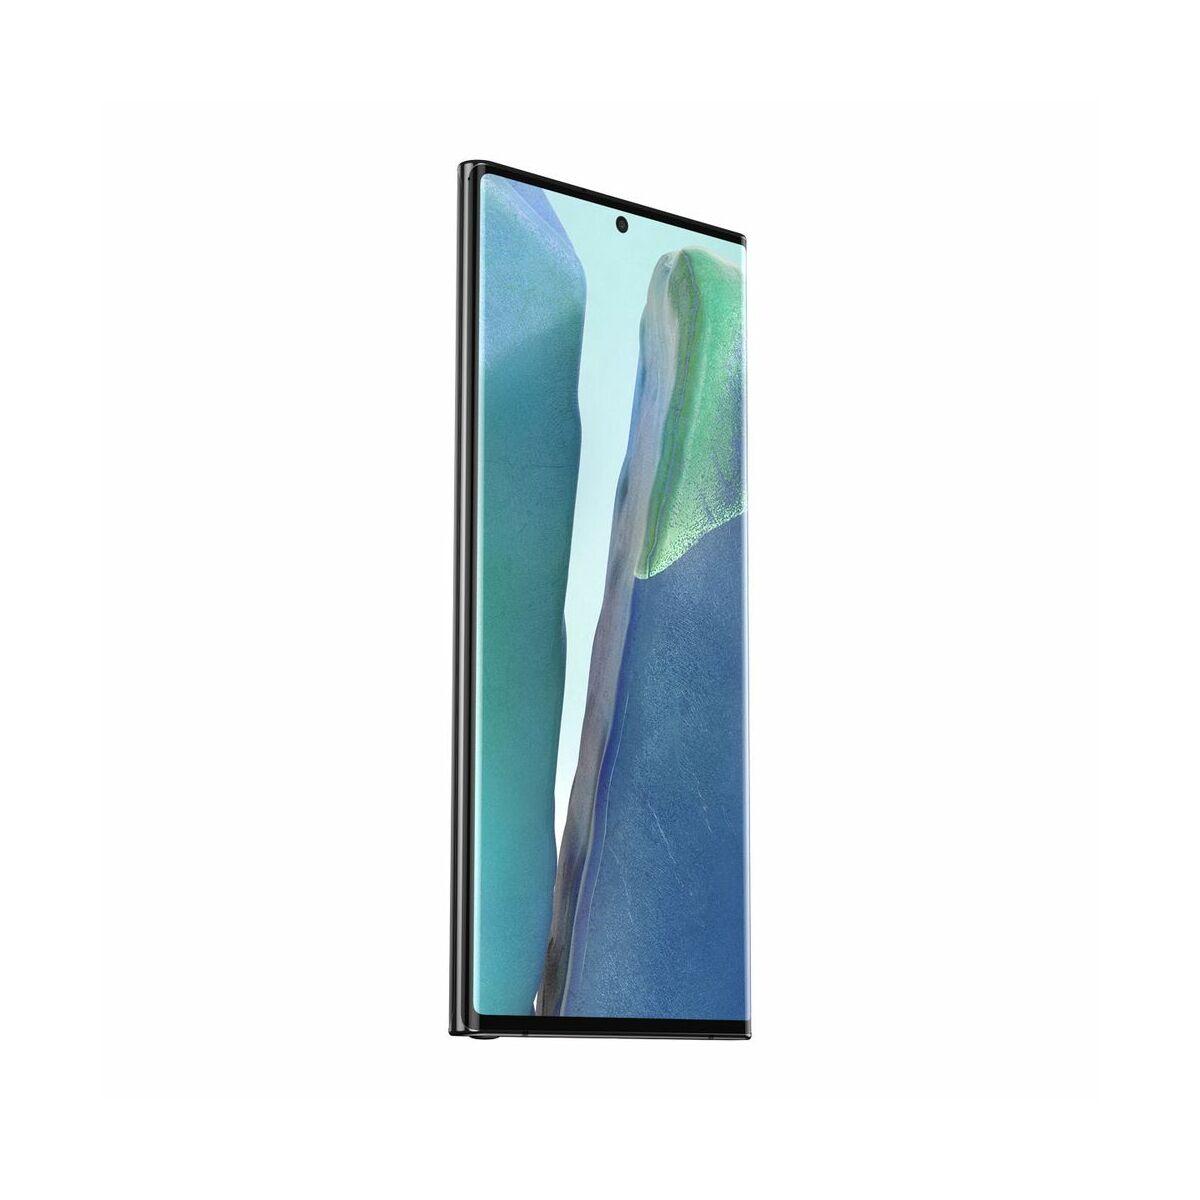 Baseus Samsung Note 20 0.15 mm teljes felületre kijelzővédő fólia, Water Gel (2 db/csomag + keret), átlátszó (SGSANOTE20-SA02)